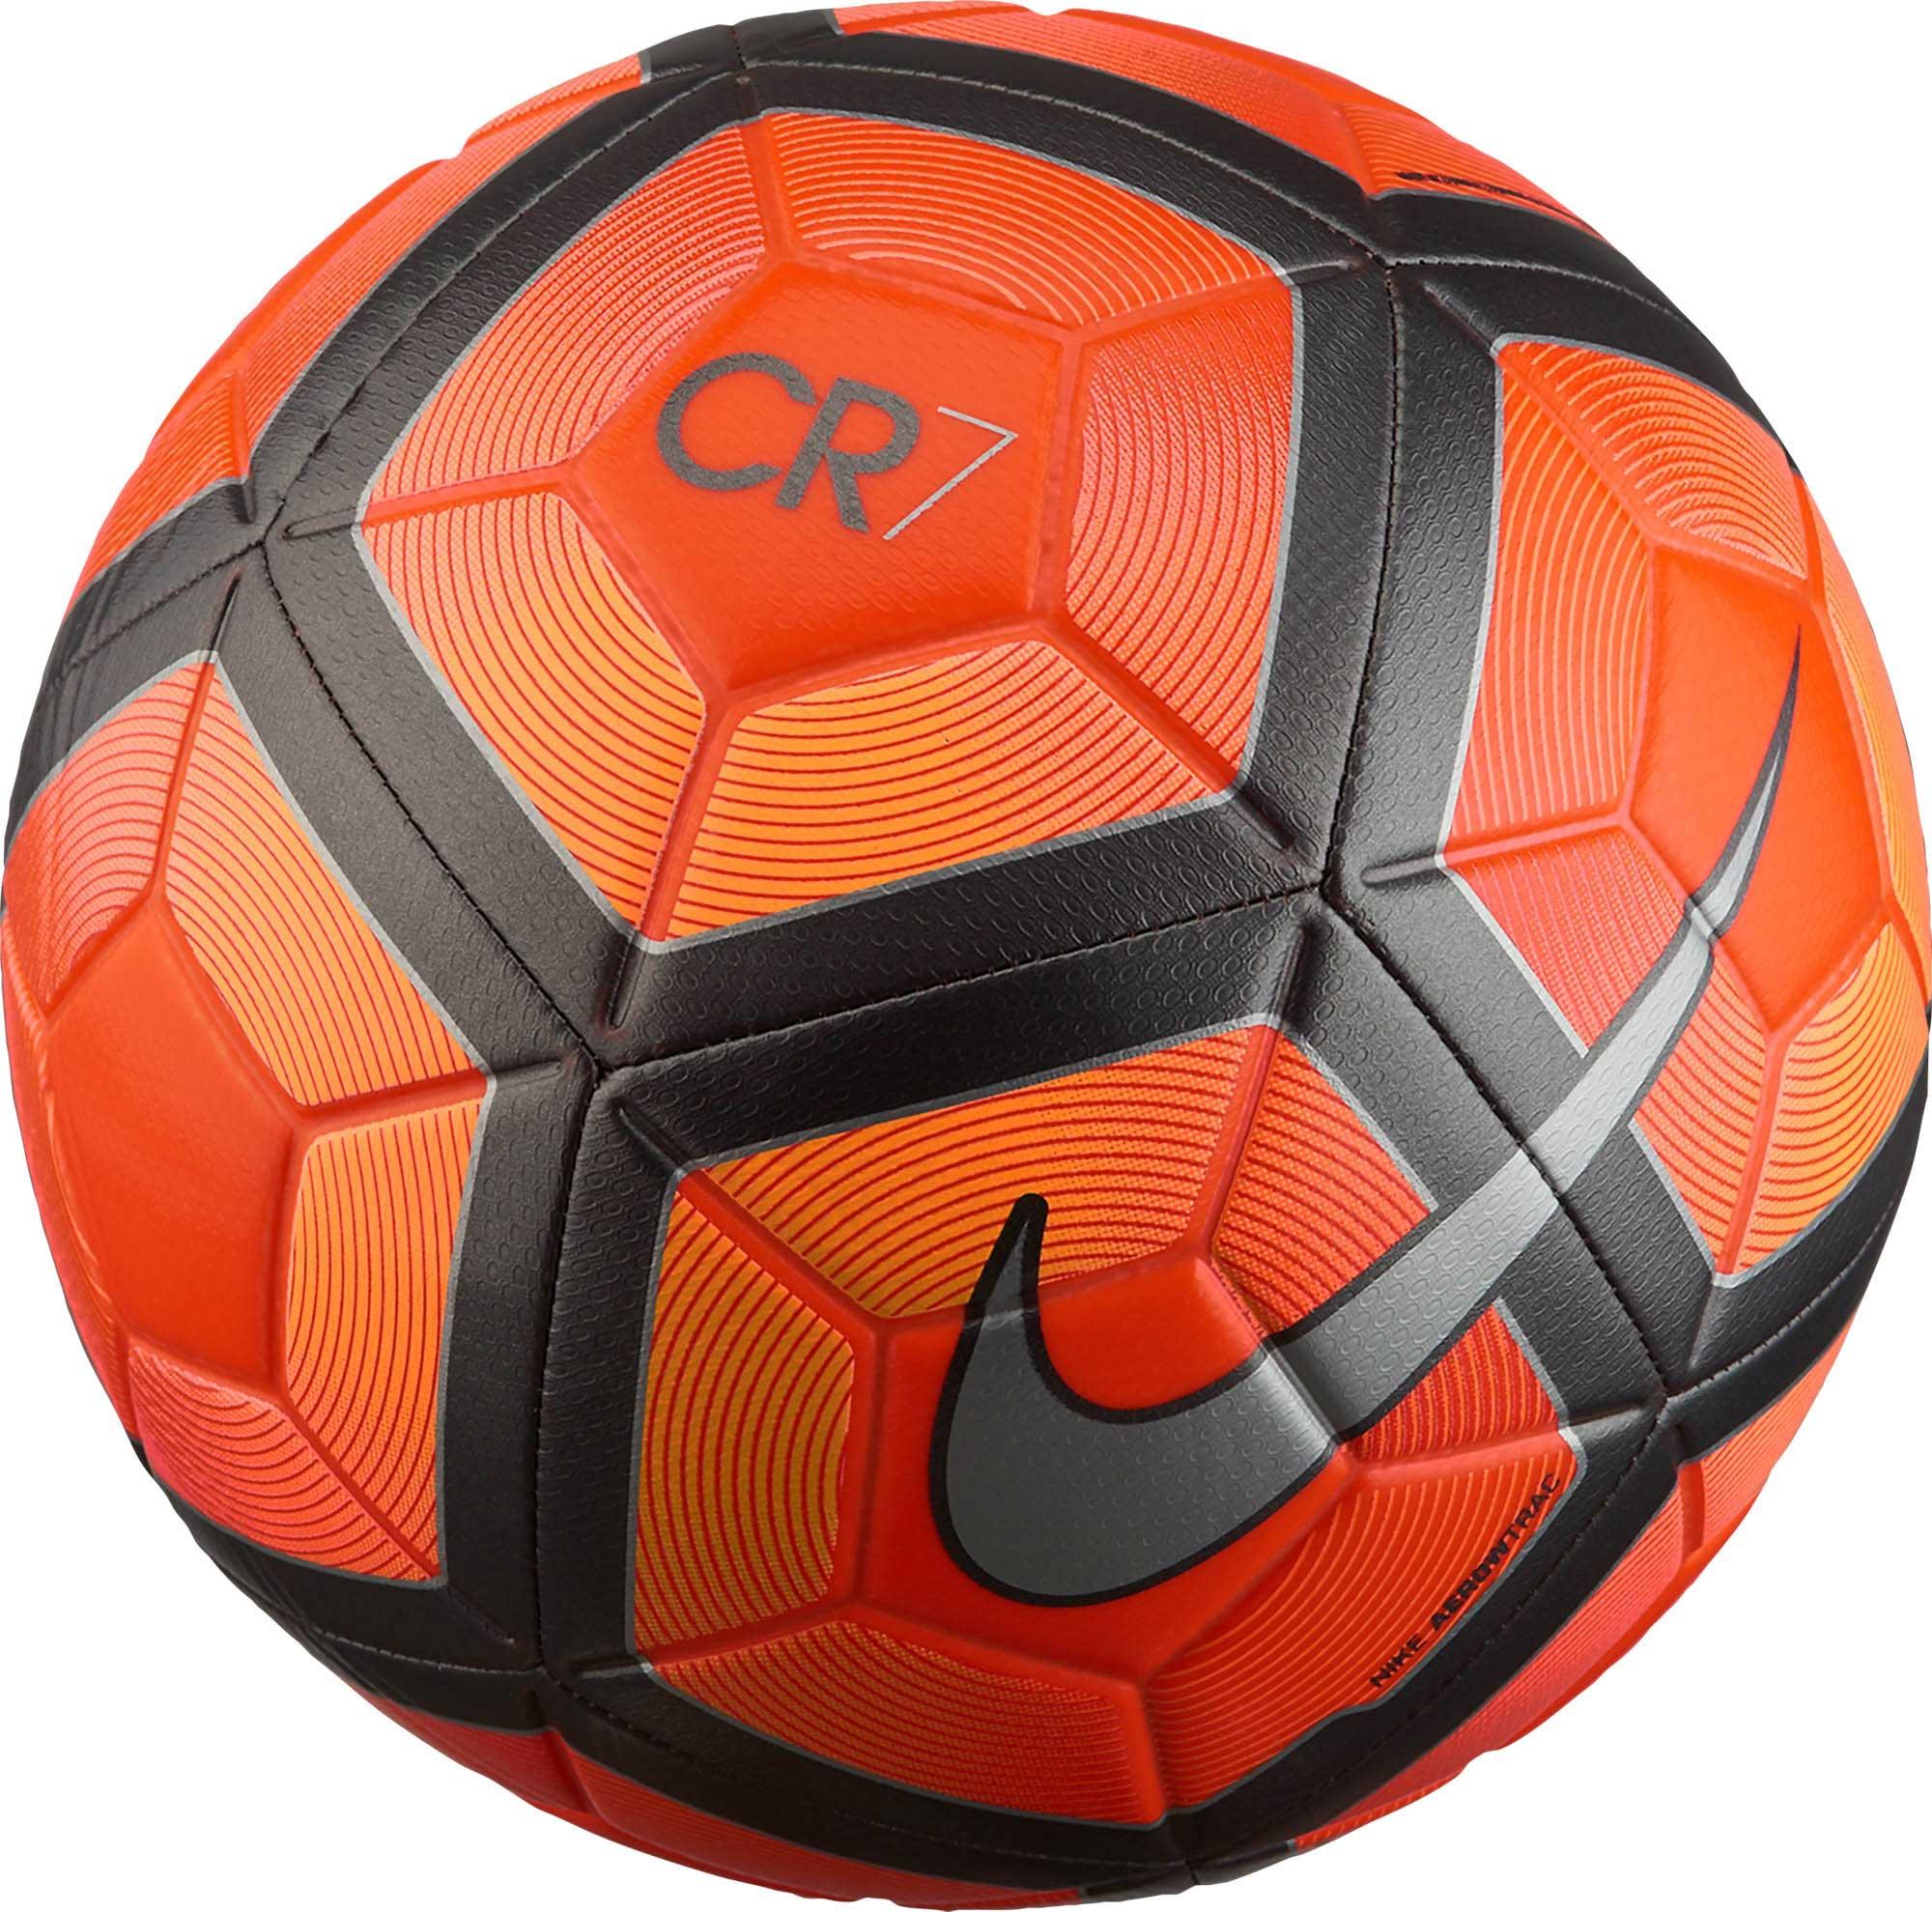 Nike CR7 Prestige Soccer Ball - Nike Soccer Balls